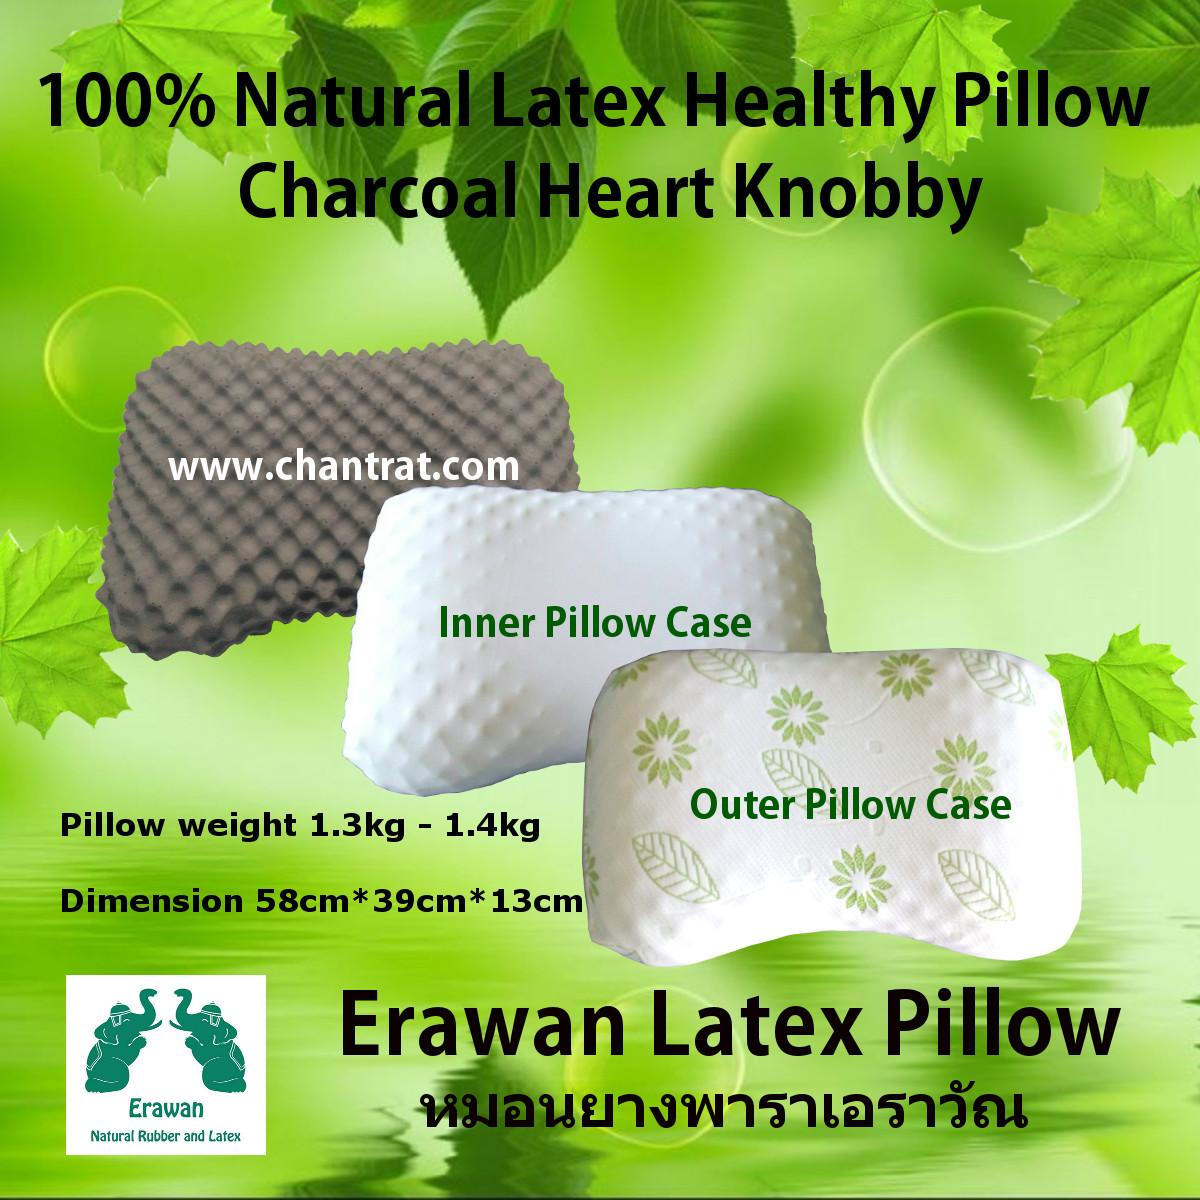 หมอนยางพาราเอราวัณ รุ่นชาร์โคล ฮาร์ท น็อบบี้ (Erawan 100% Natural Latex Pillow: Charcoal Heart Knobby) พร้อมปลอกผ้า2ชั้น มีซิป